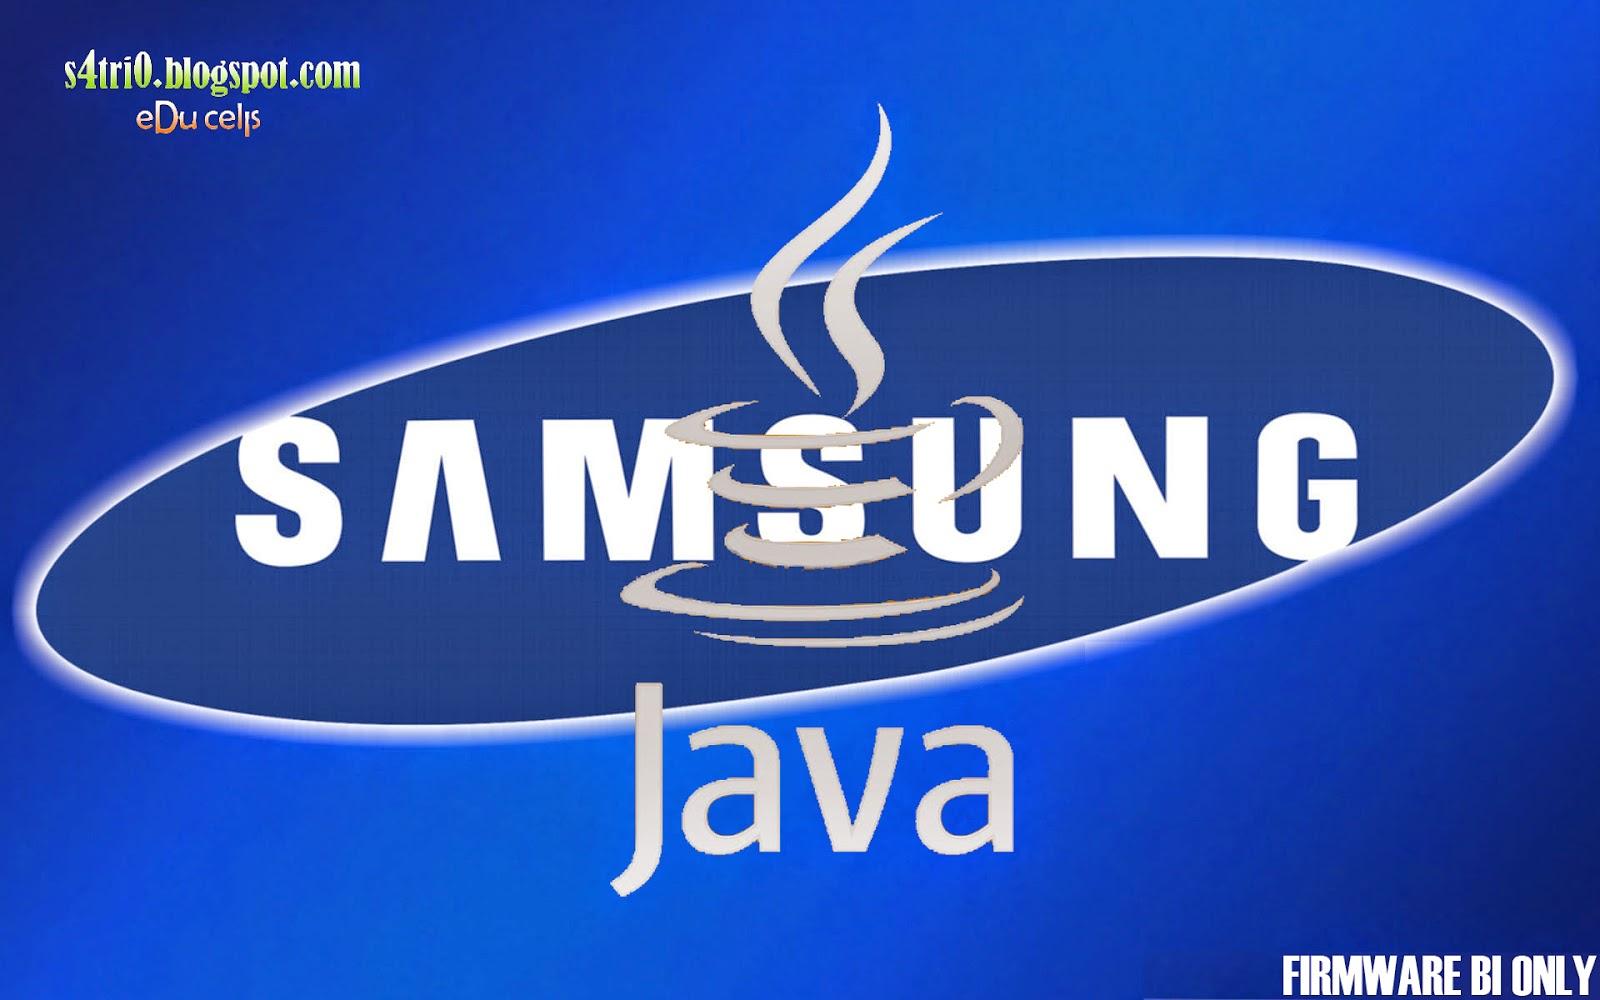 Samsung b3210 bi only dating 1